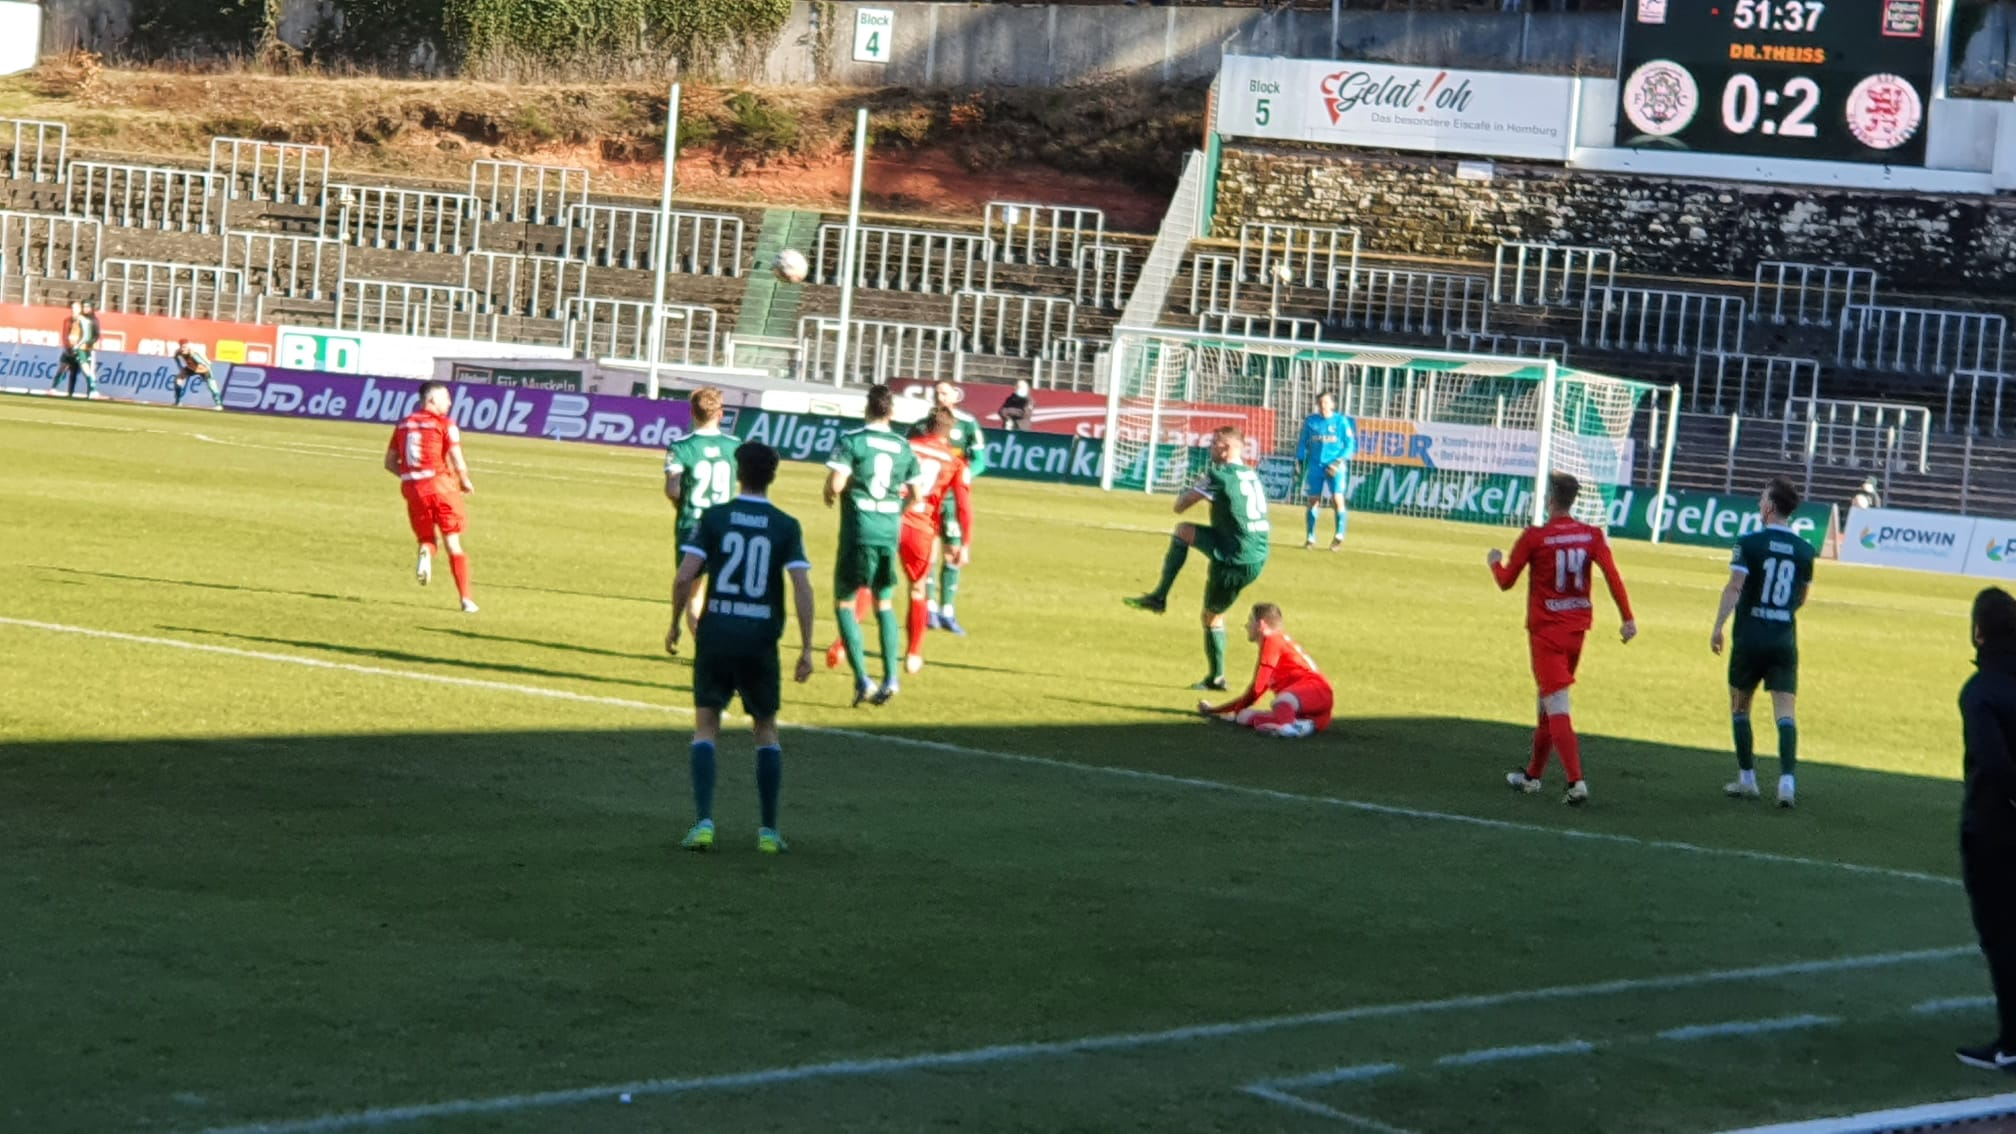 FC 08 Homburg - KSV Hessen Kassel